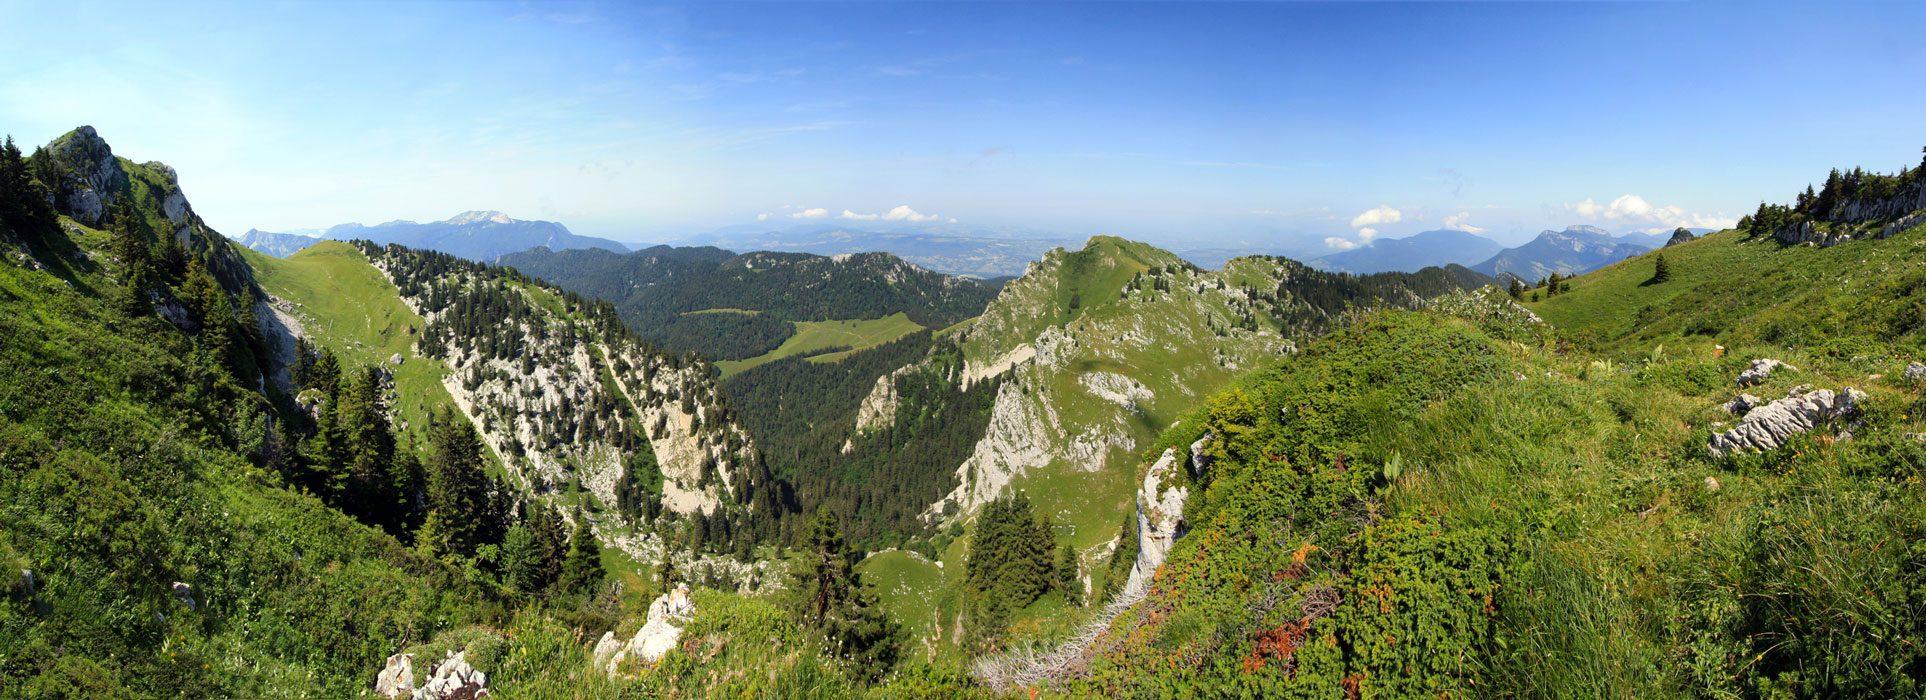 Sentier de randonnée au Grand Som, dans le Massif de la Chartreuse